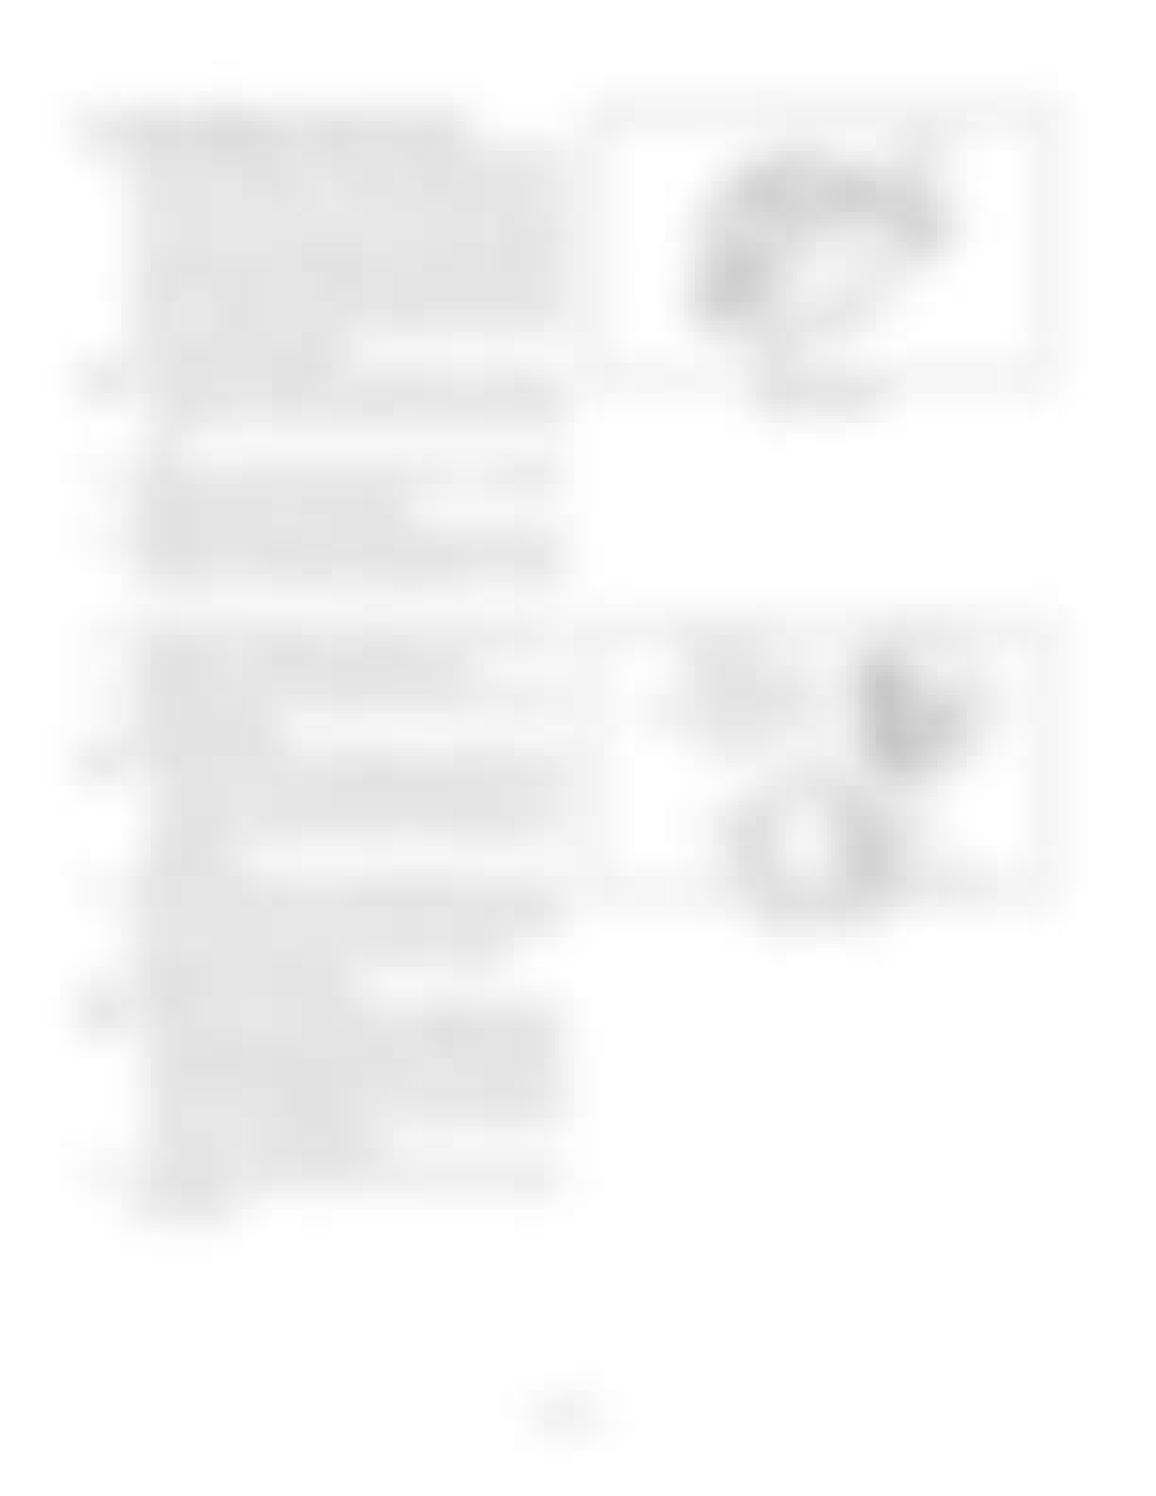 Hitachi LX110-7 LX130-7 LX160-7 LX190-7 LX230-7 Wheel Loader Workshop Manual - PDF DOWNLOAD page 288